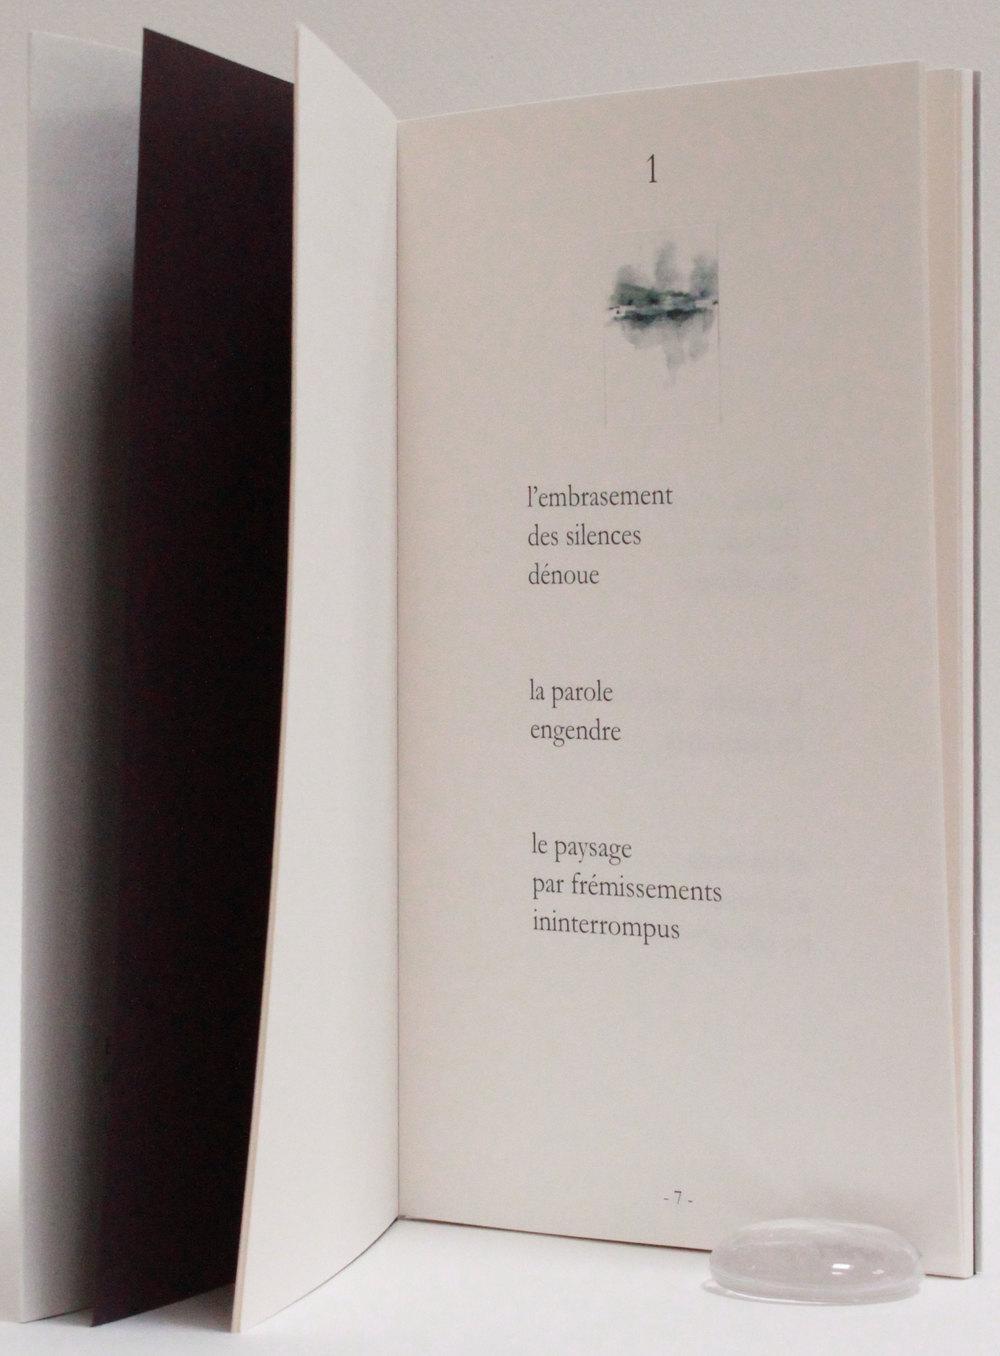 Polyptique-des-silences-3.jpg